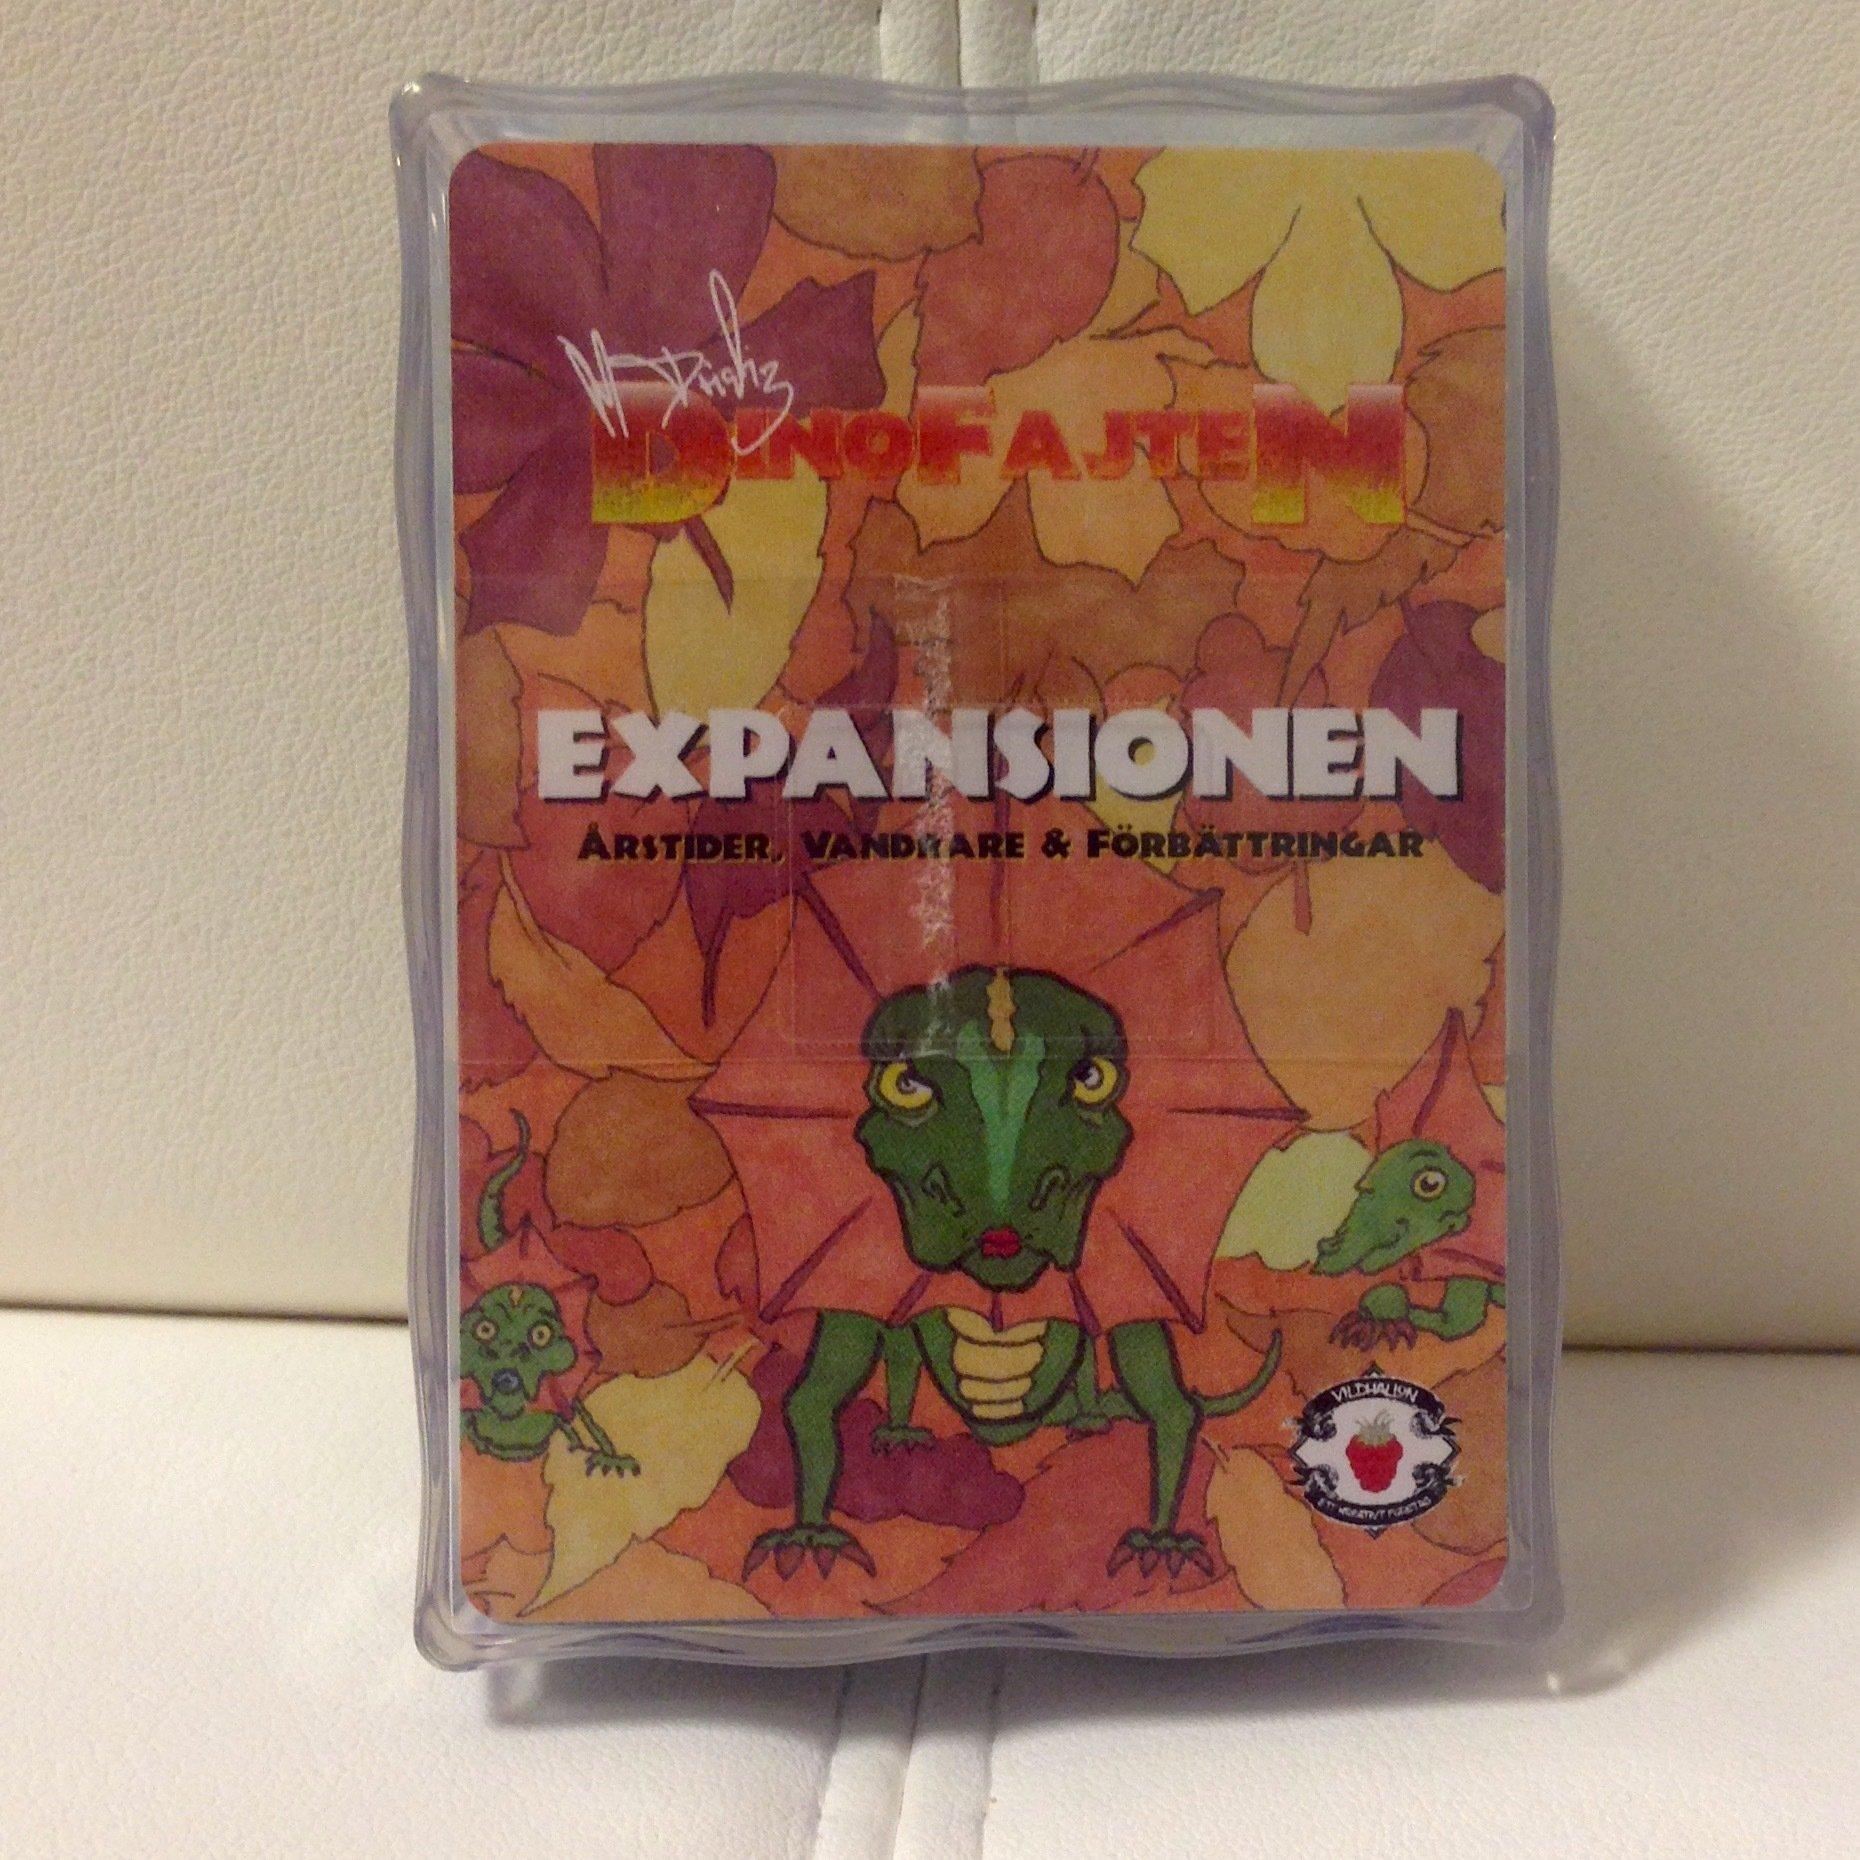 [Kortlek] DinoFajten - Expansionen Dino02